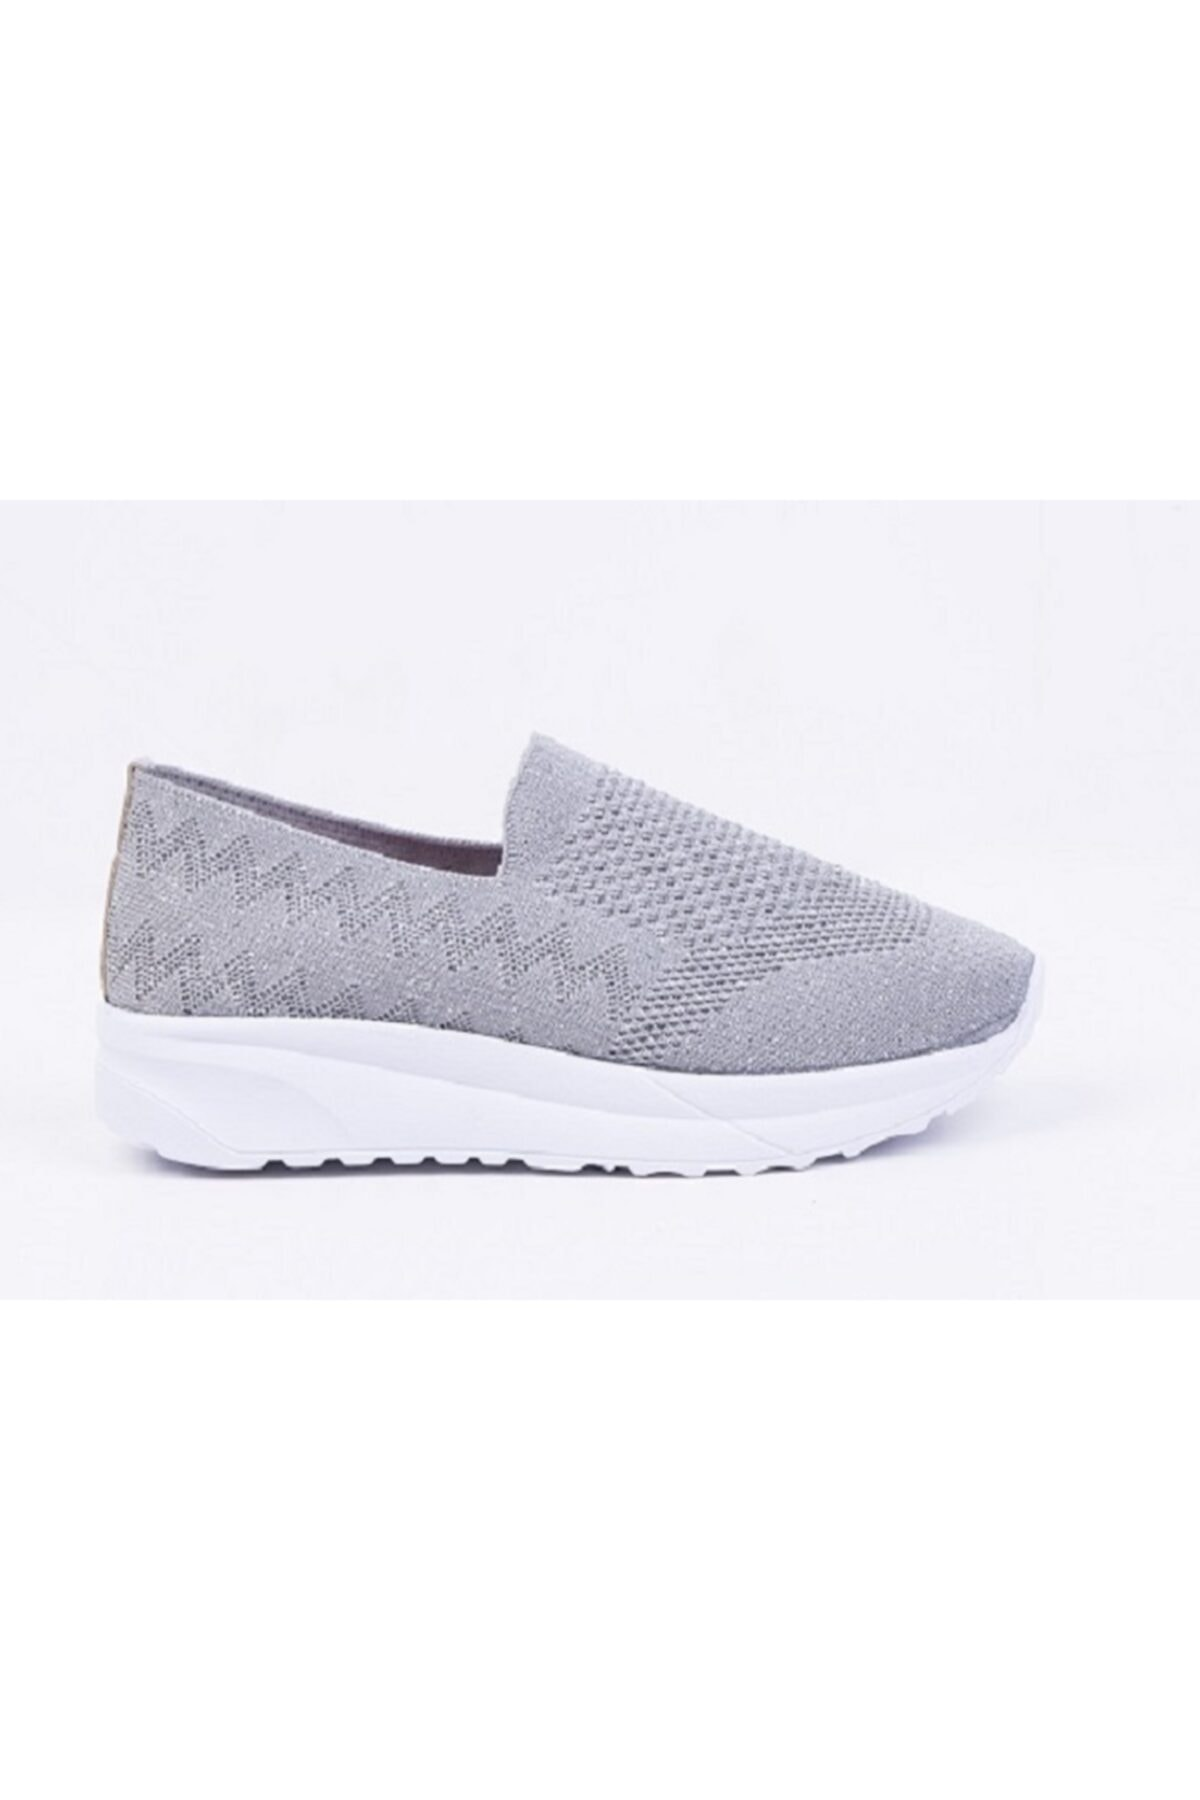 DR SOFT Kadın Gri Konfor ve Yürüyüş Ayakkabısı 2